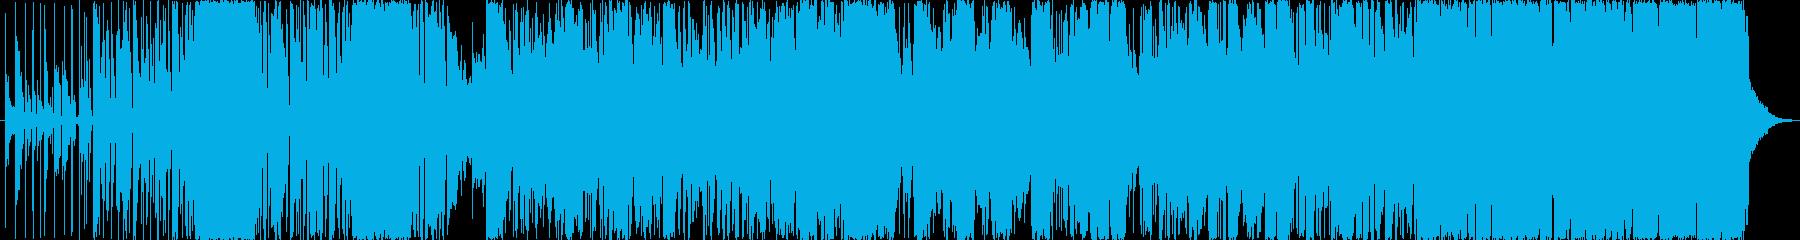 スタイリッシュスパイ/アジト/メニューの再生済みの波形